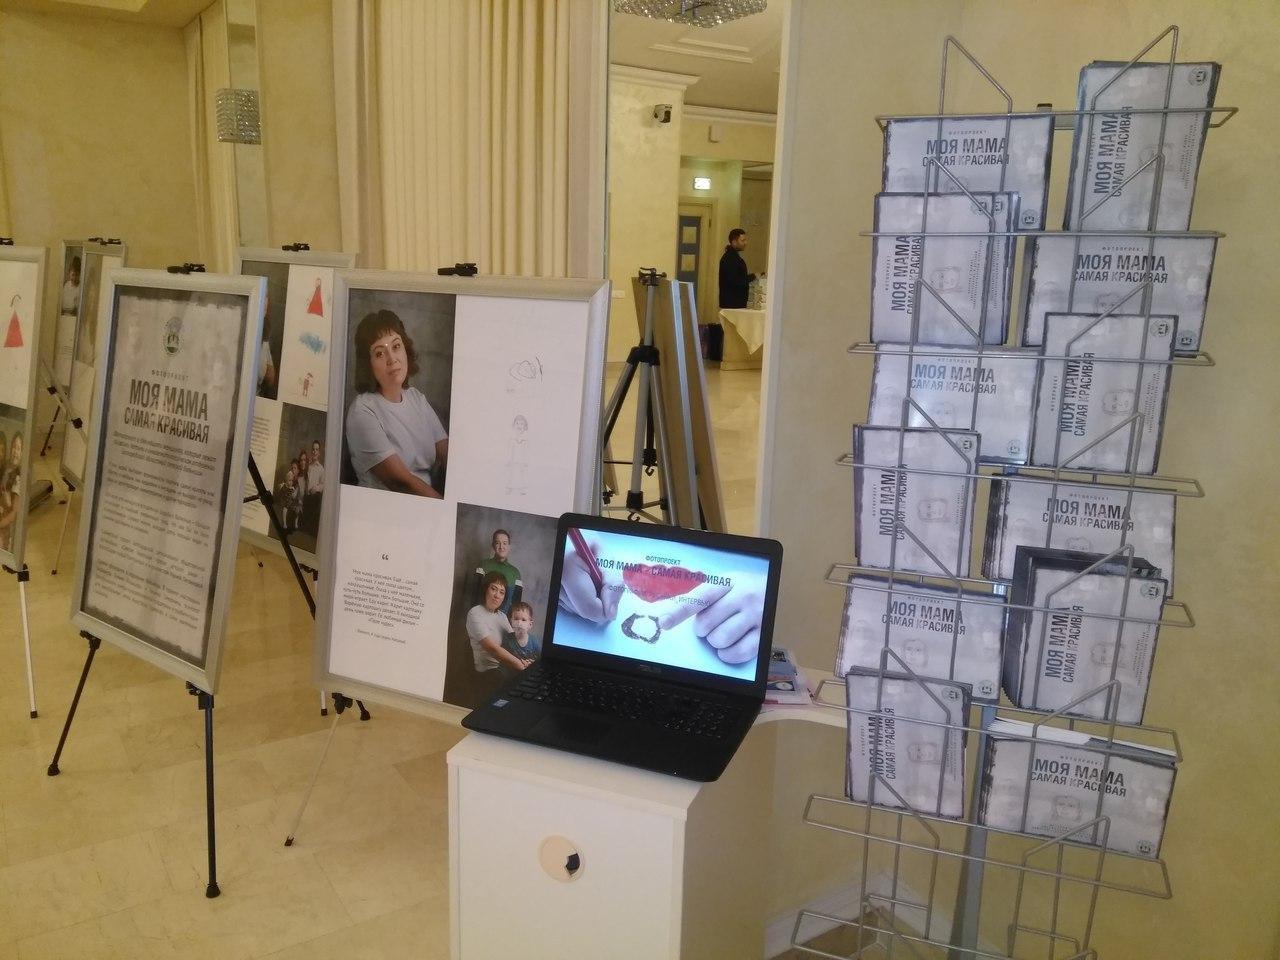 В Общественную палату РФ привезли выставку проекта «Моя мама самая красивая», фото-1